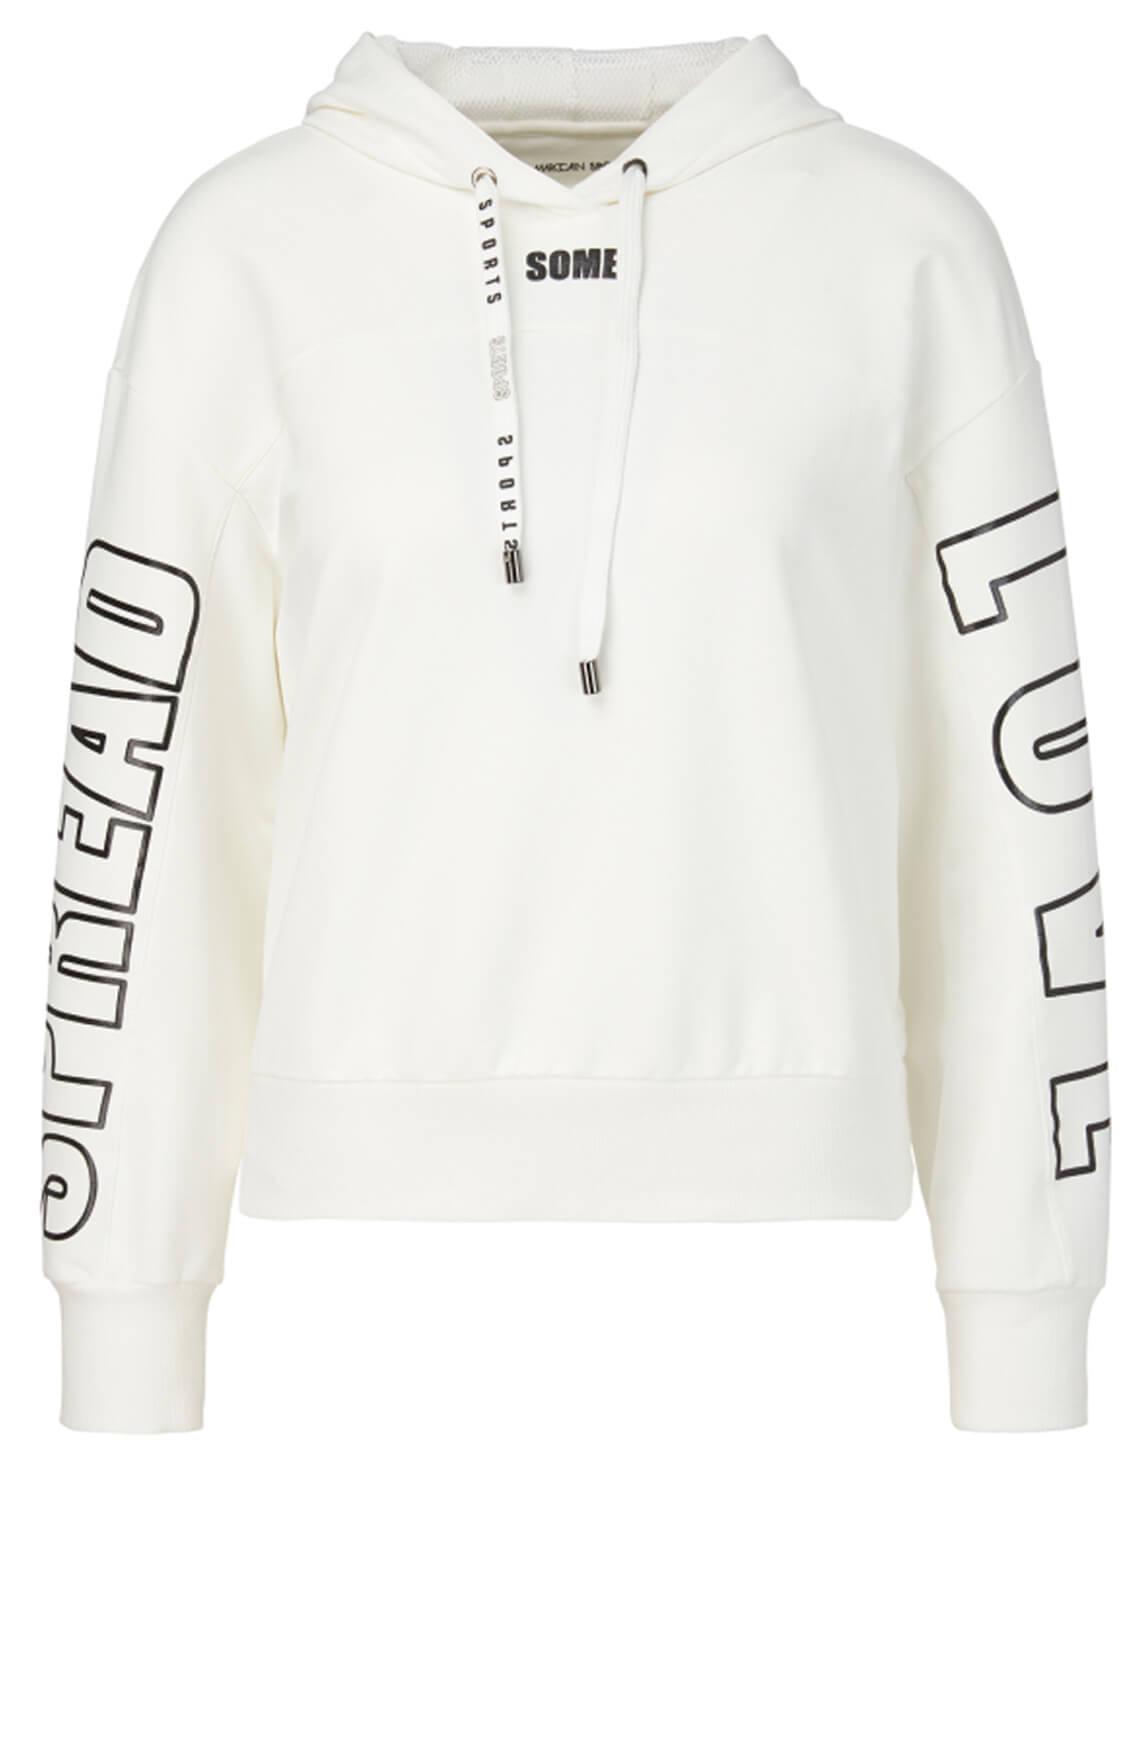 Marccain Sports Dames Sweater met tekstopdruk Wit